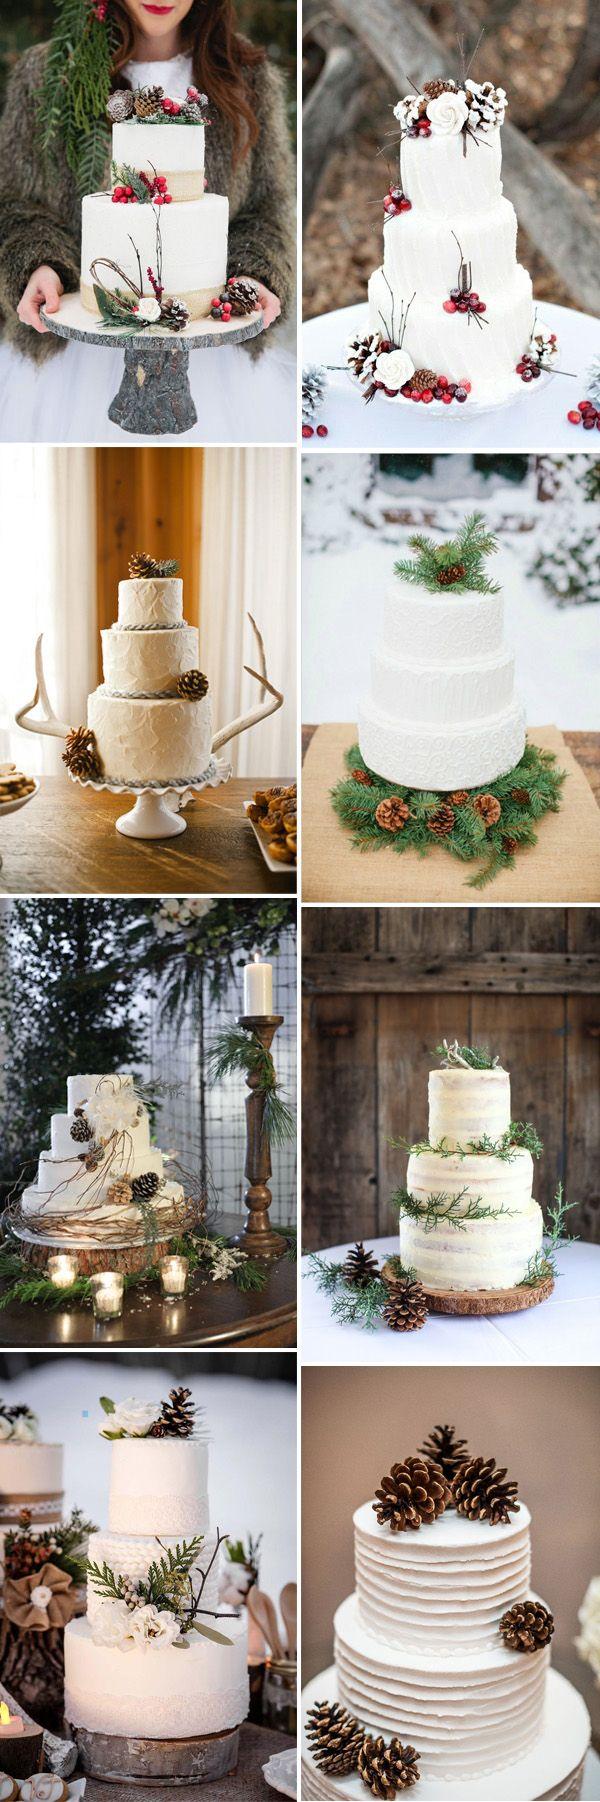 fabulous white winter wedding cakes